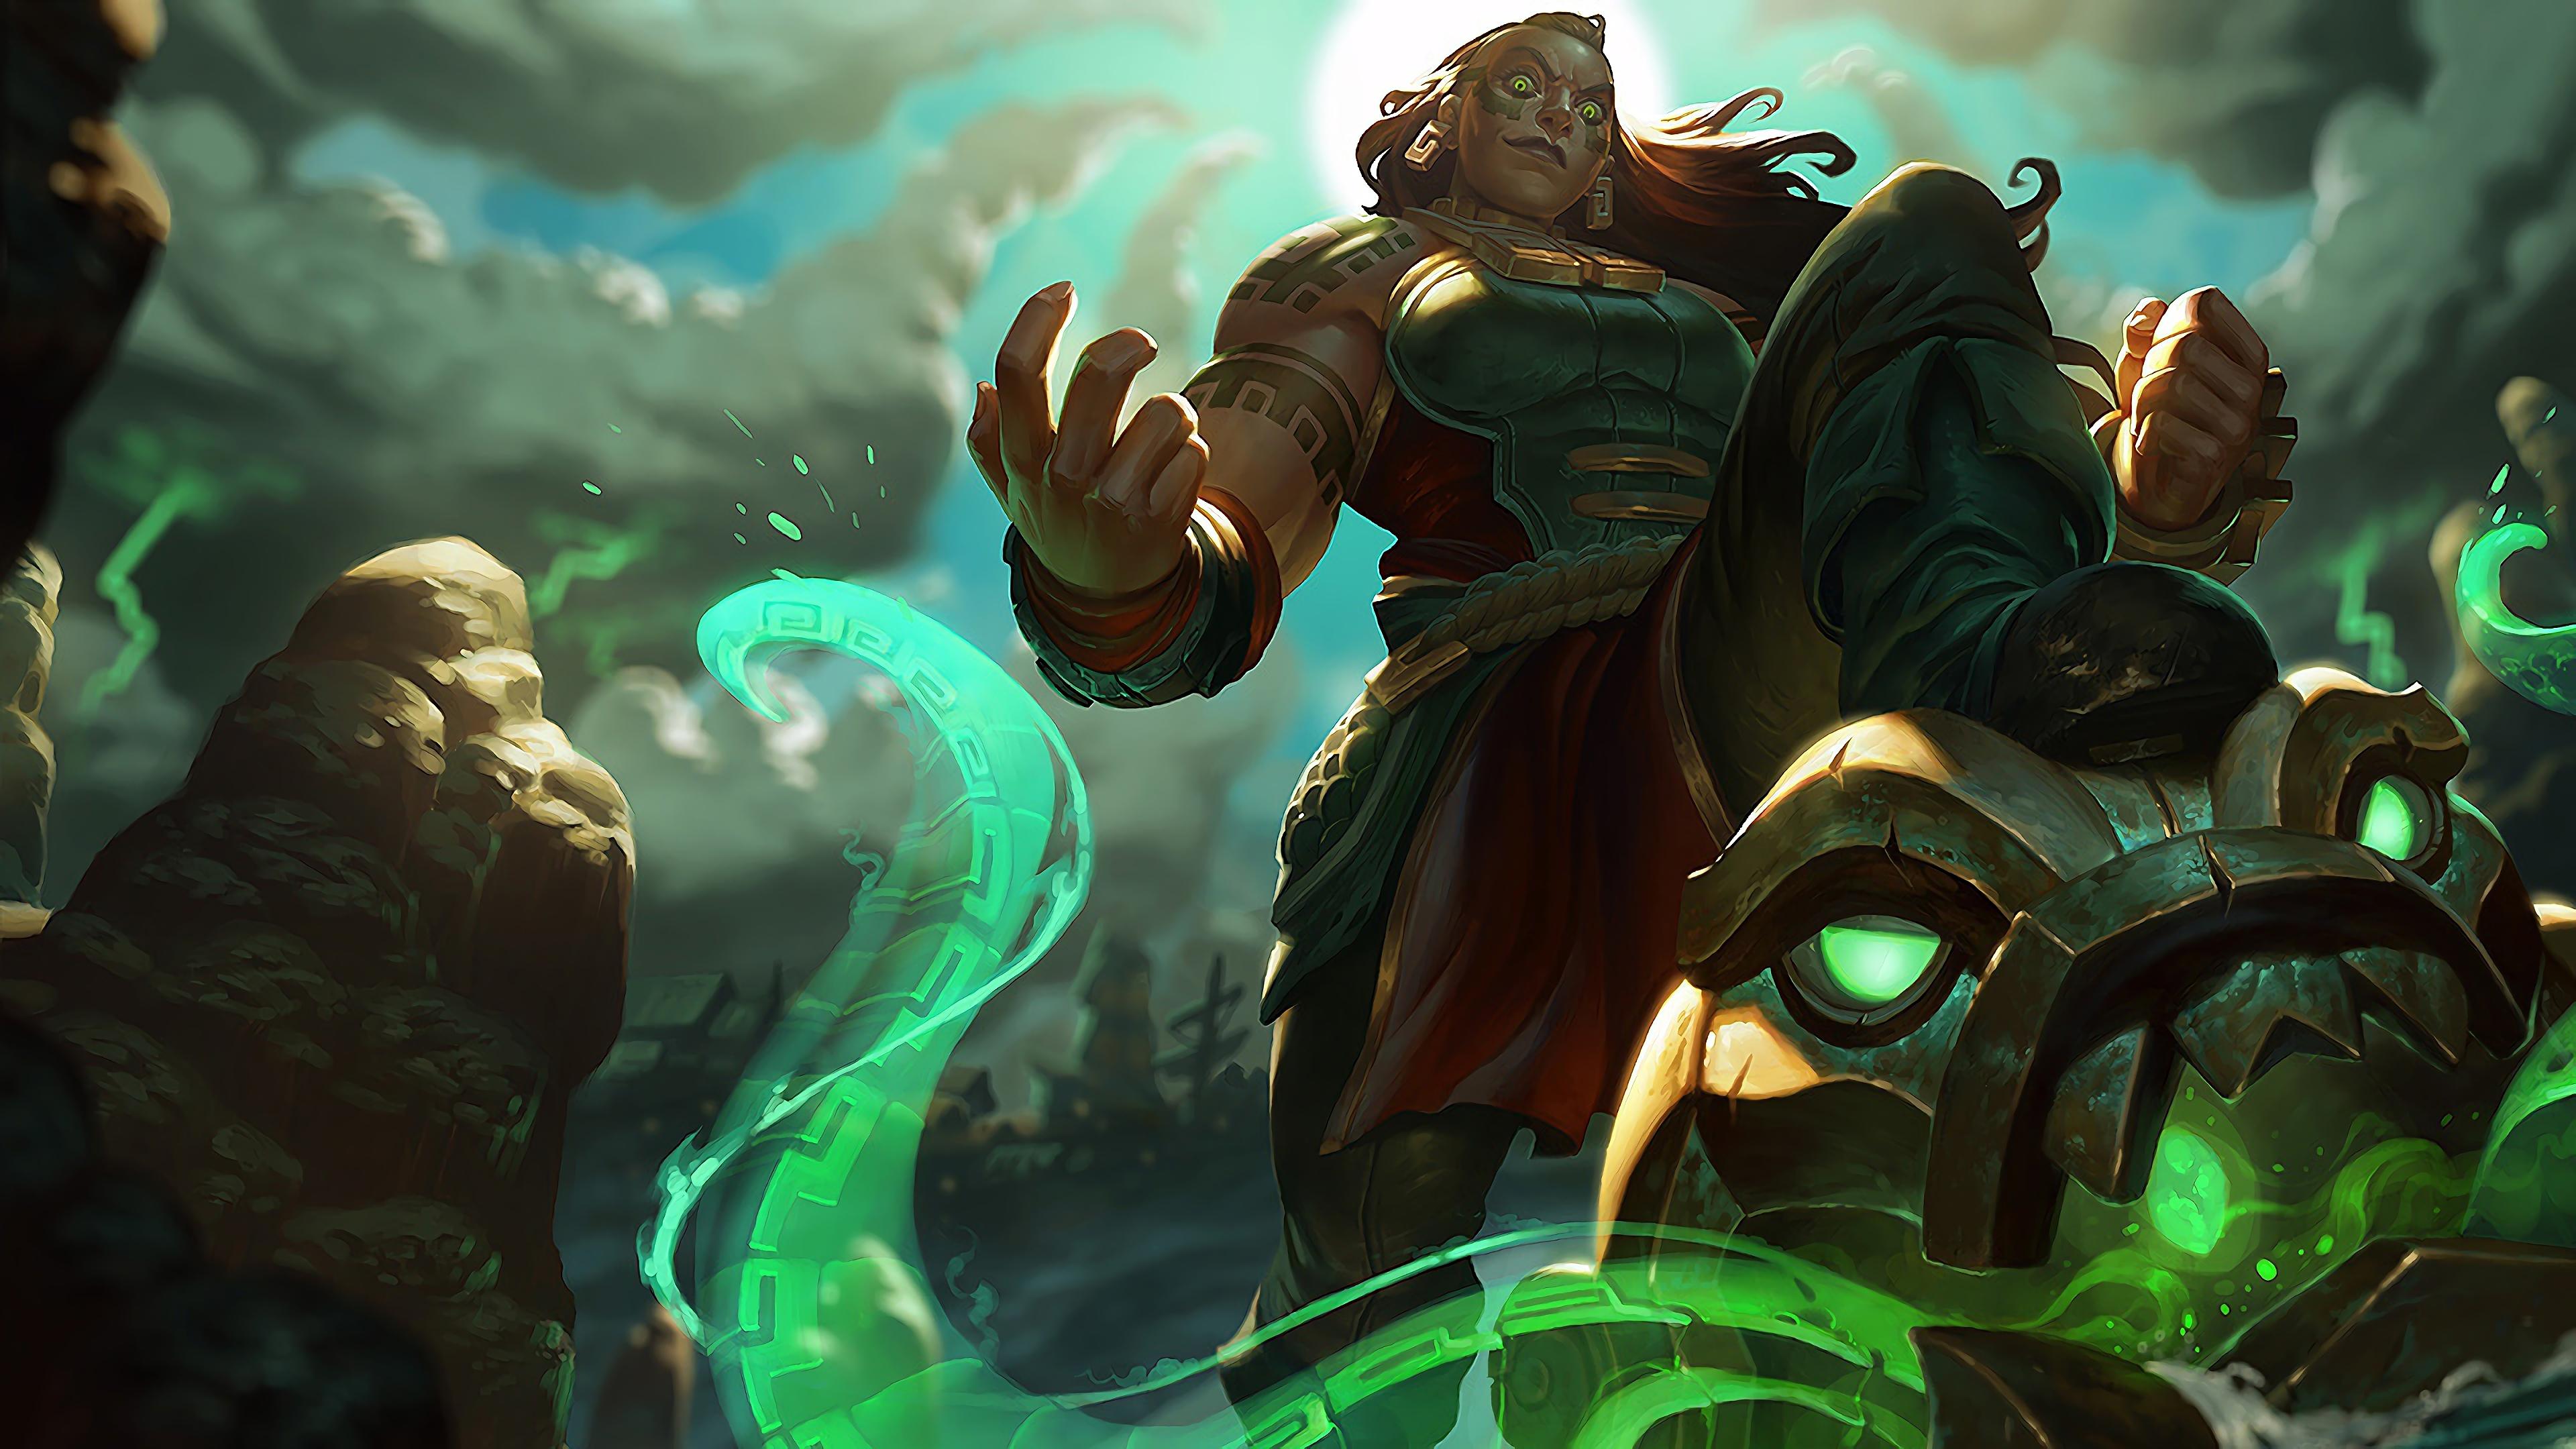 illaoi lol splash art league of legends 1574098170 - Illaoi LoL Splash Art League of Legends - league of legends, Illaoi